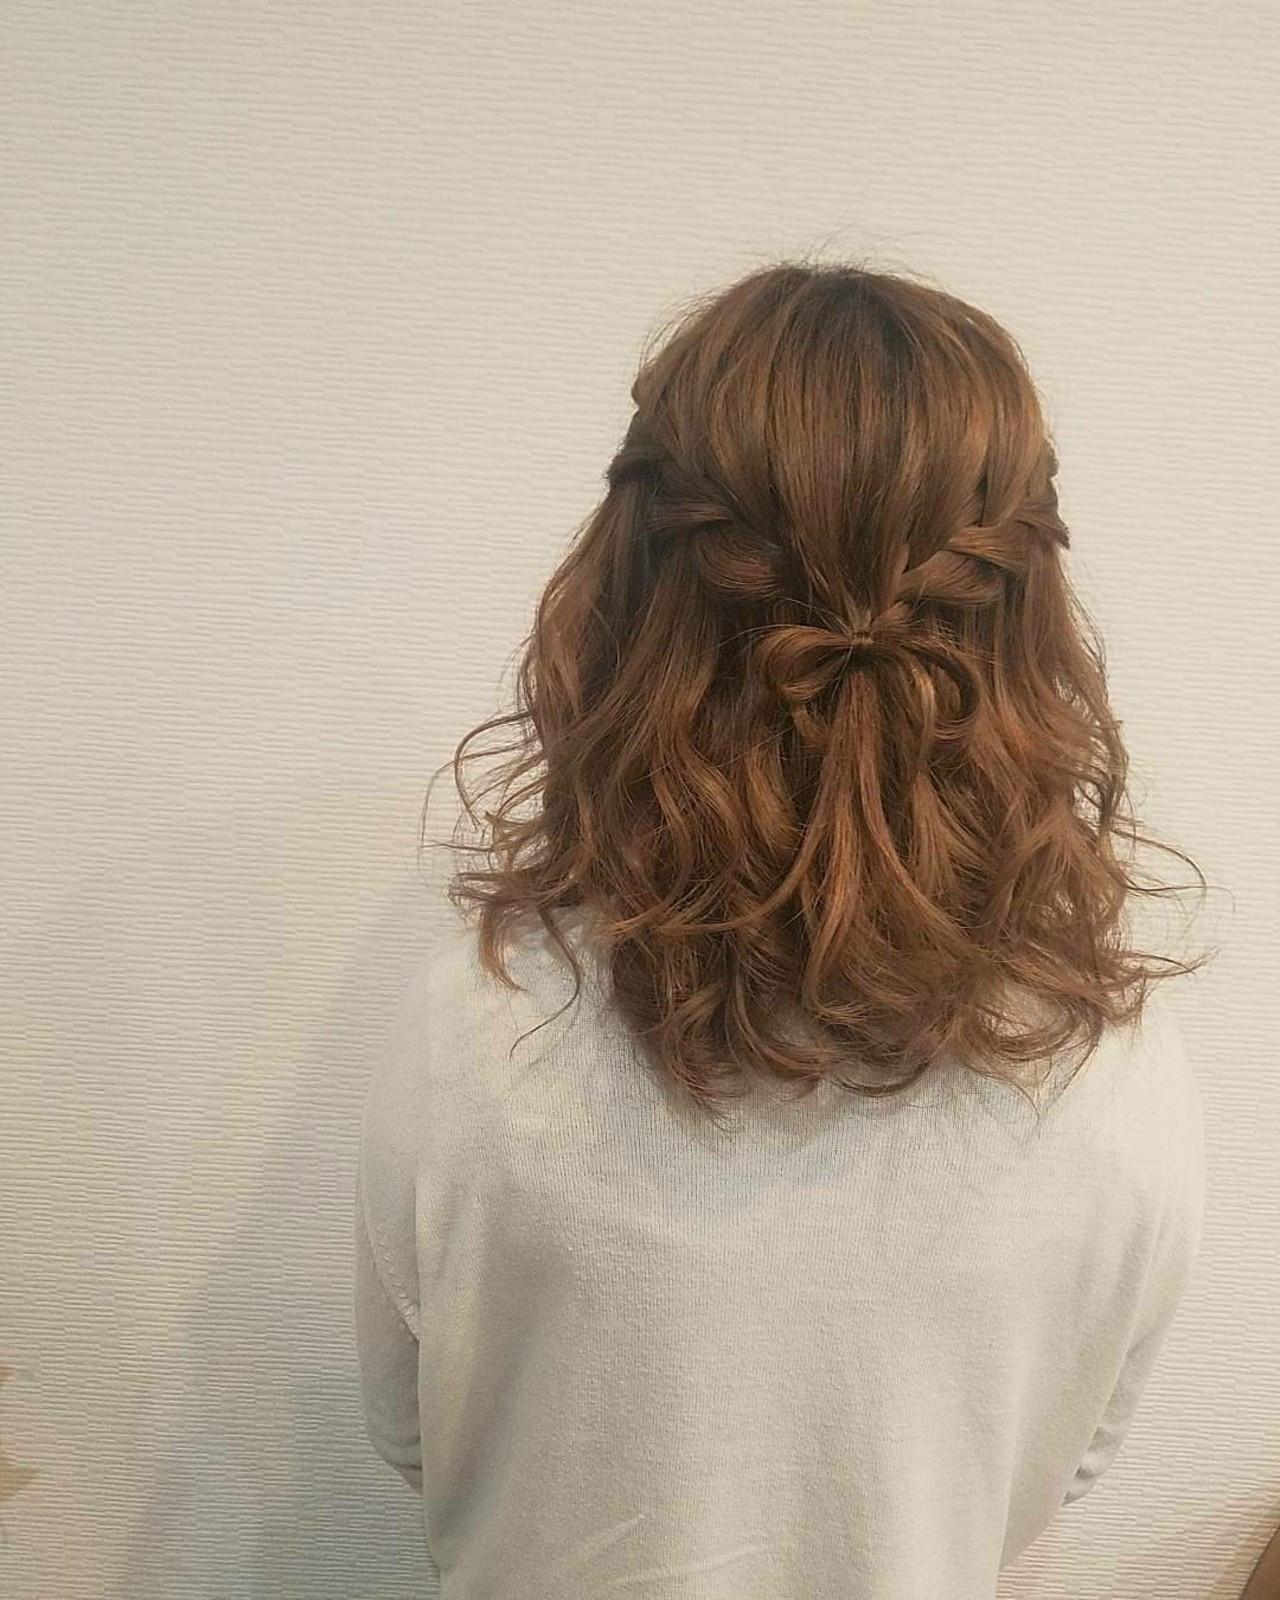 後ろ姿のさりげないリボン結びがポイント♡ mai | HAIR SALON STELLA